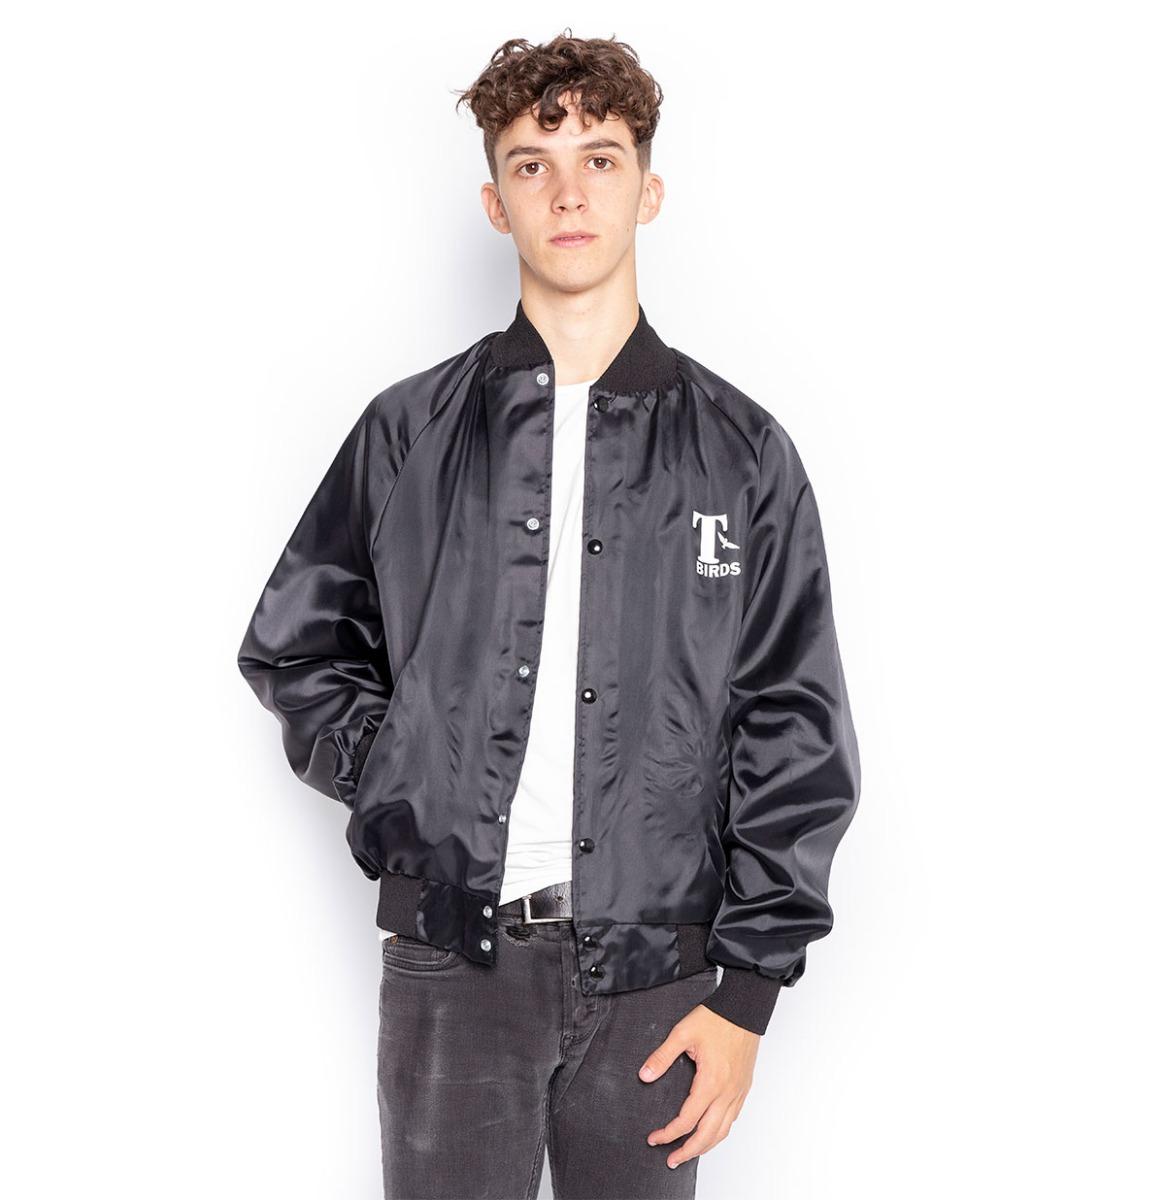 Ex Verhuur T Birds Jacket